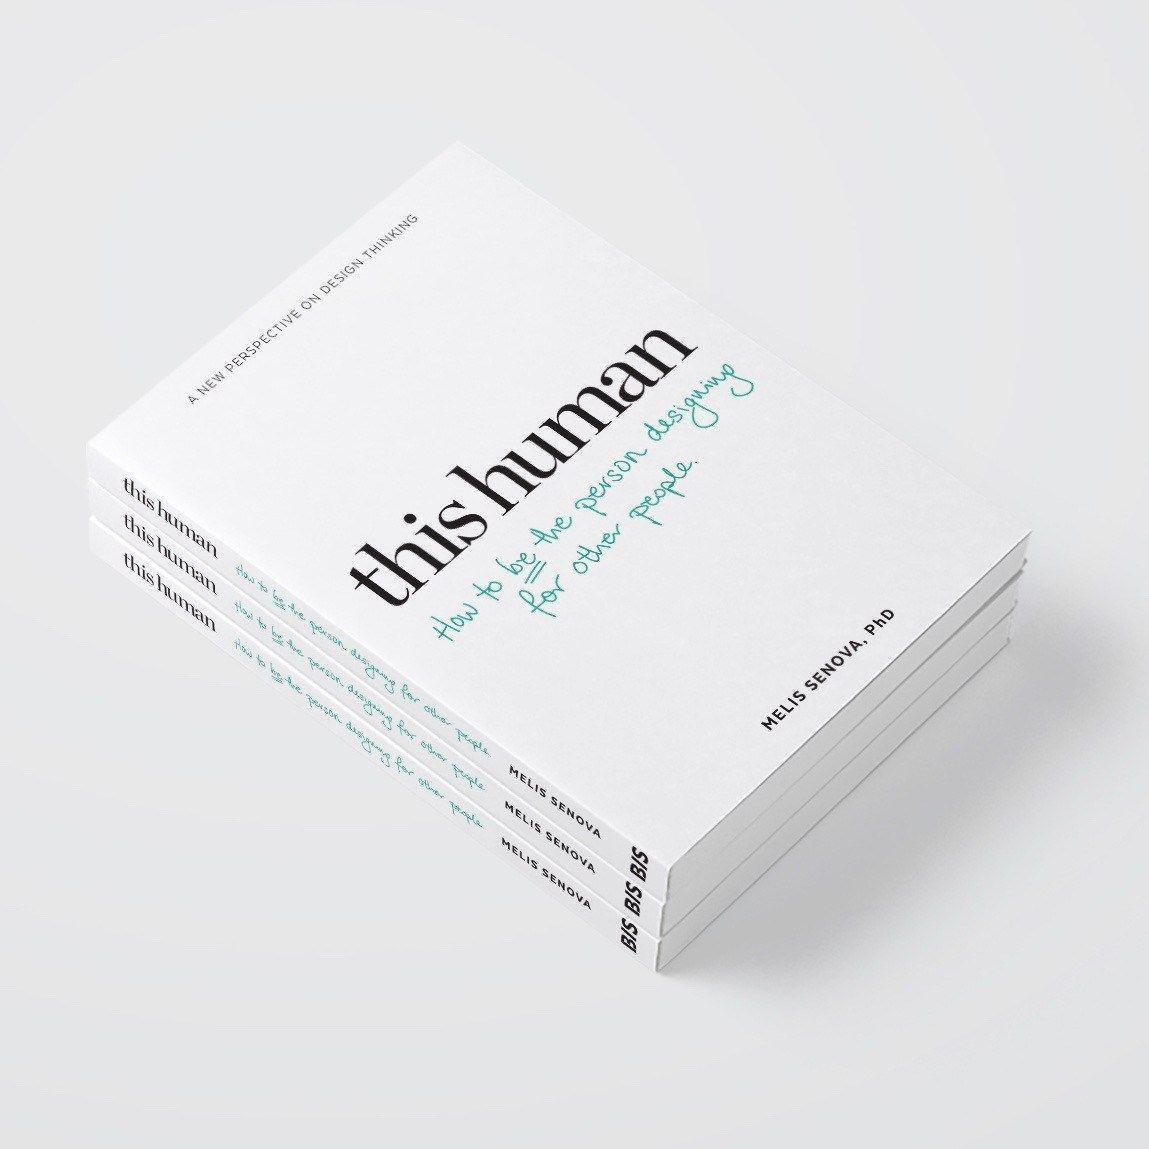 The Urban Sketching Handbook: